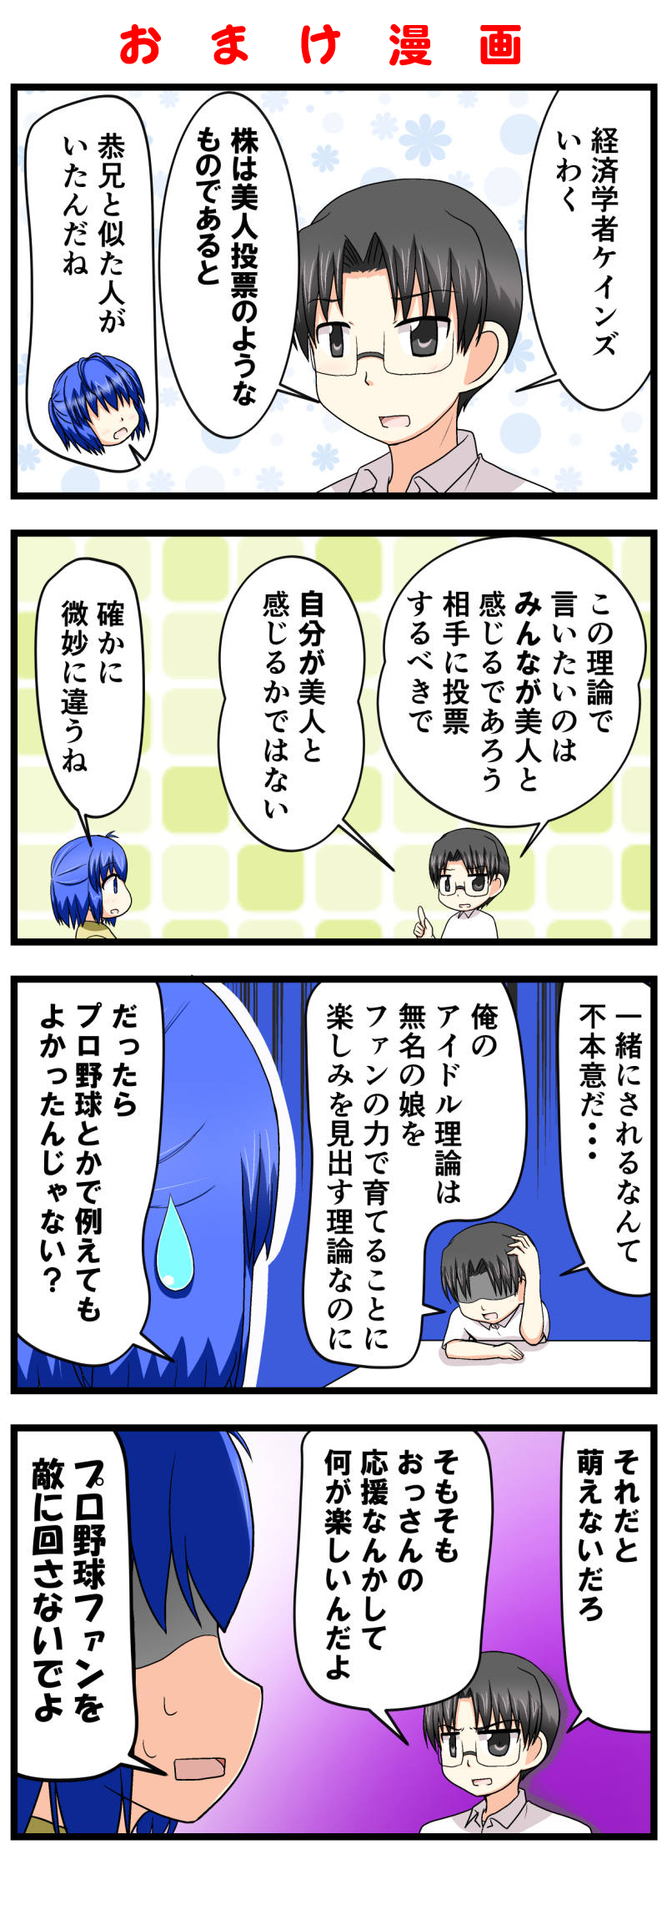 萌える株セミナー29.jpg